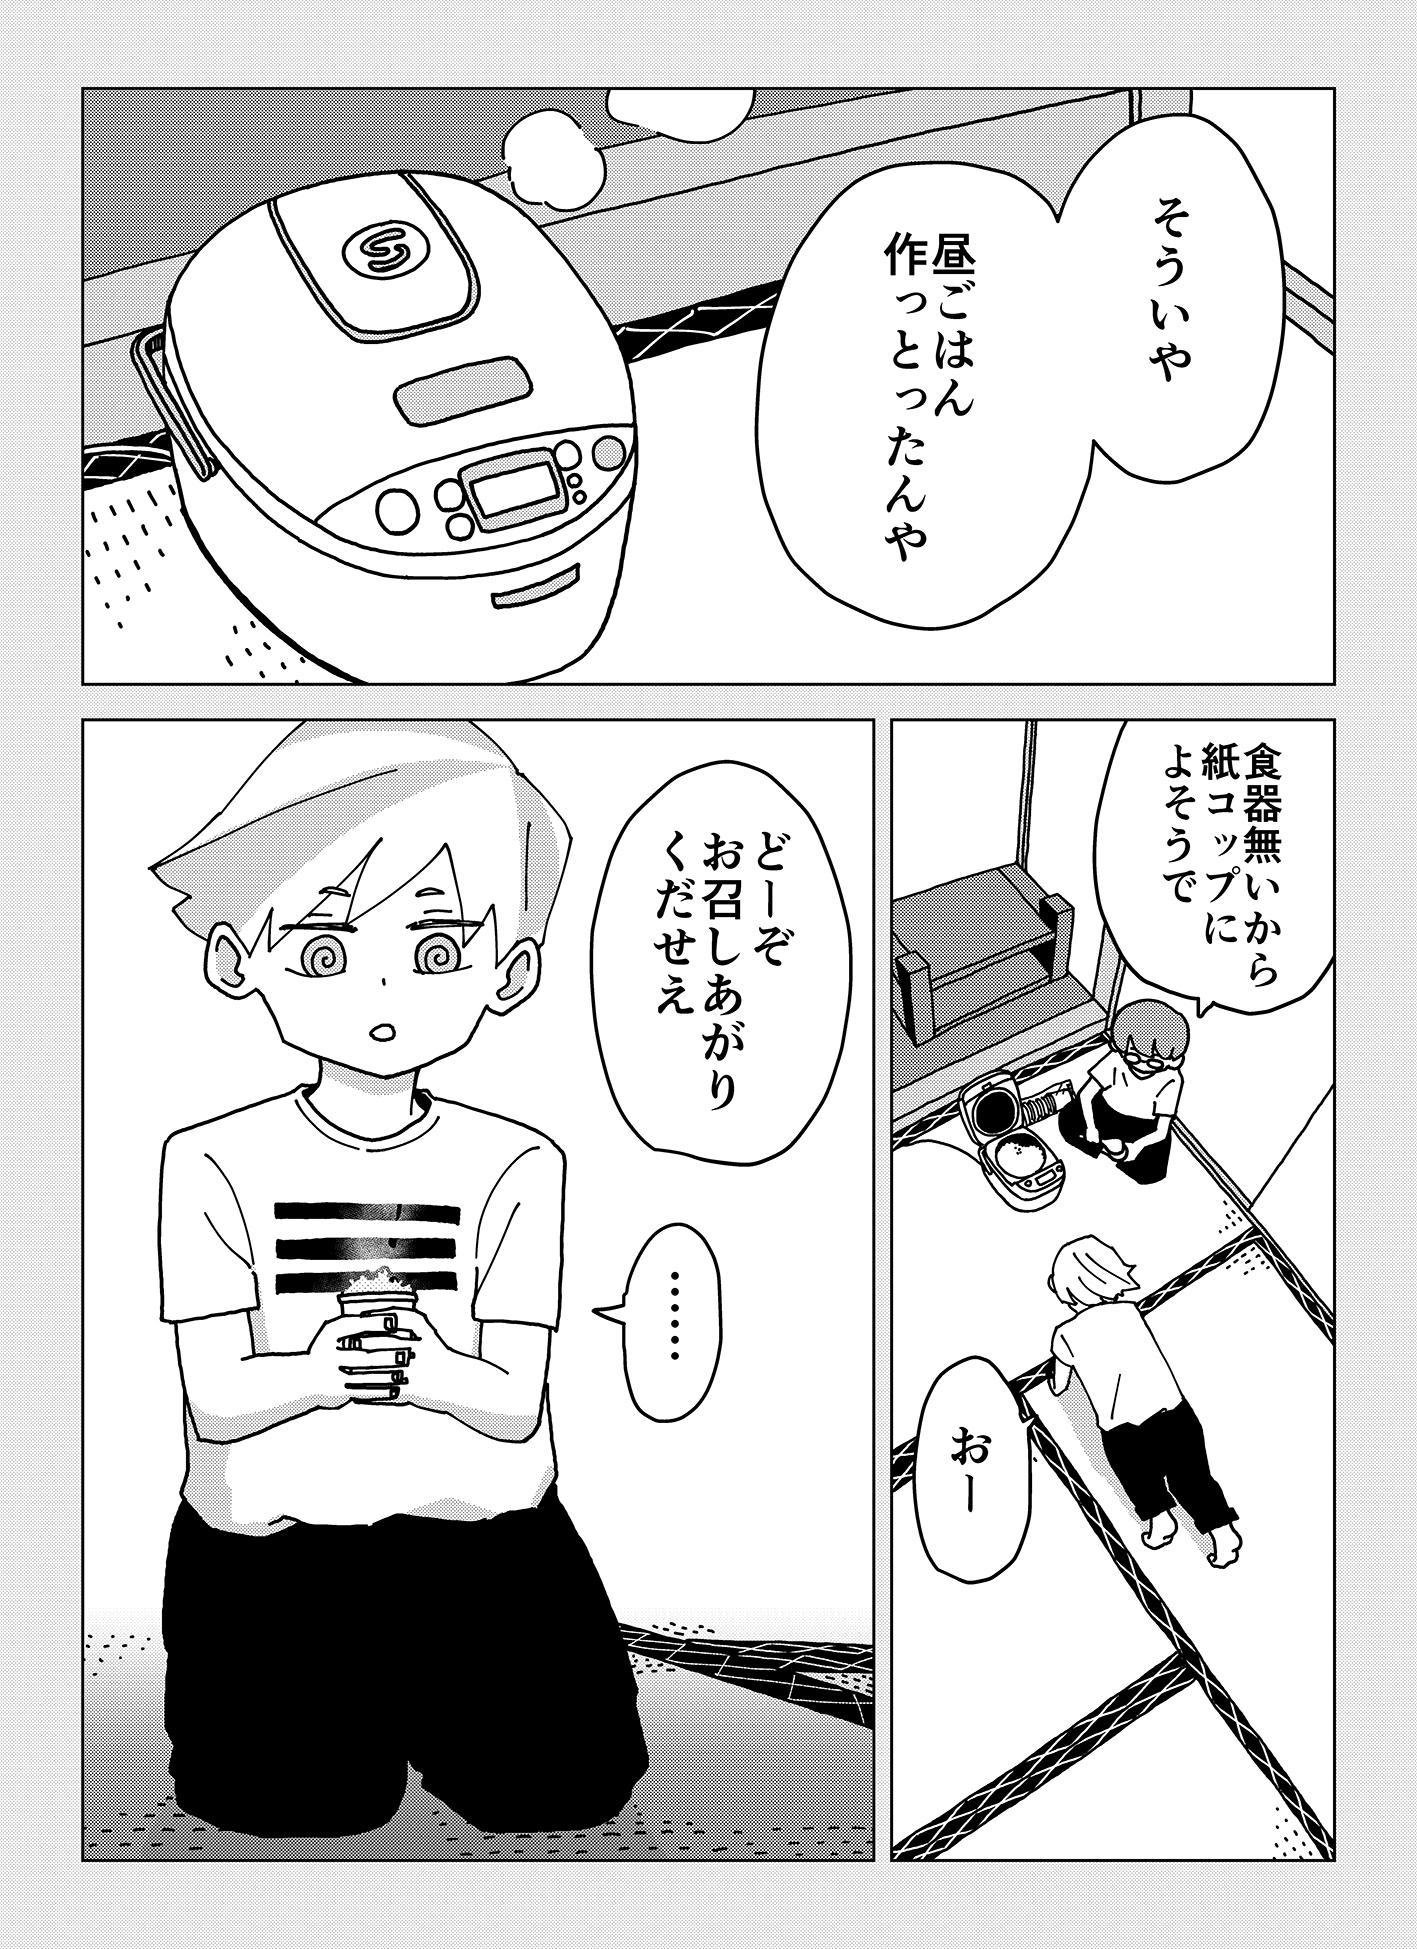 share_b_008